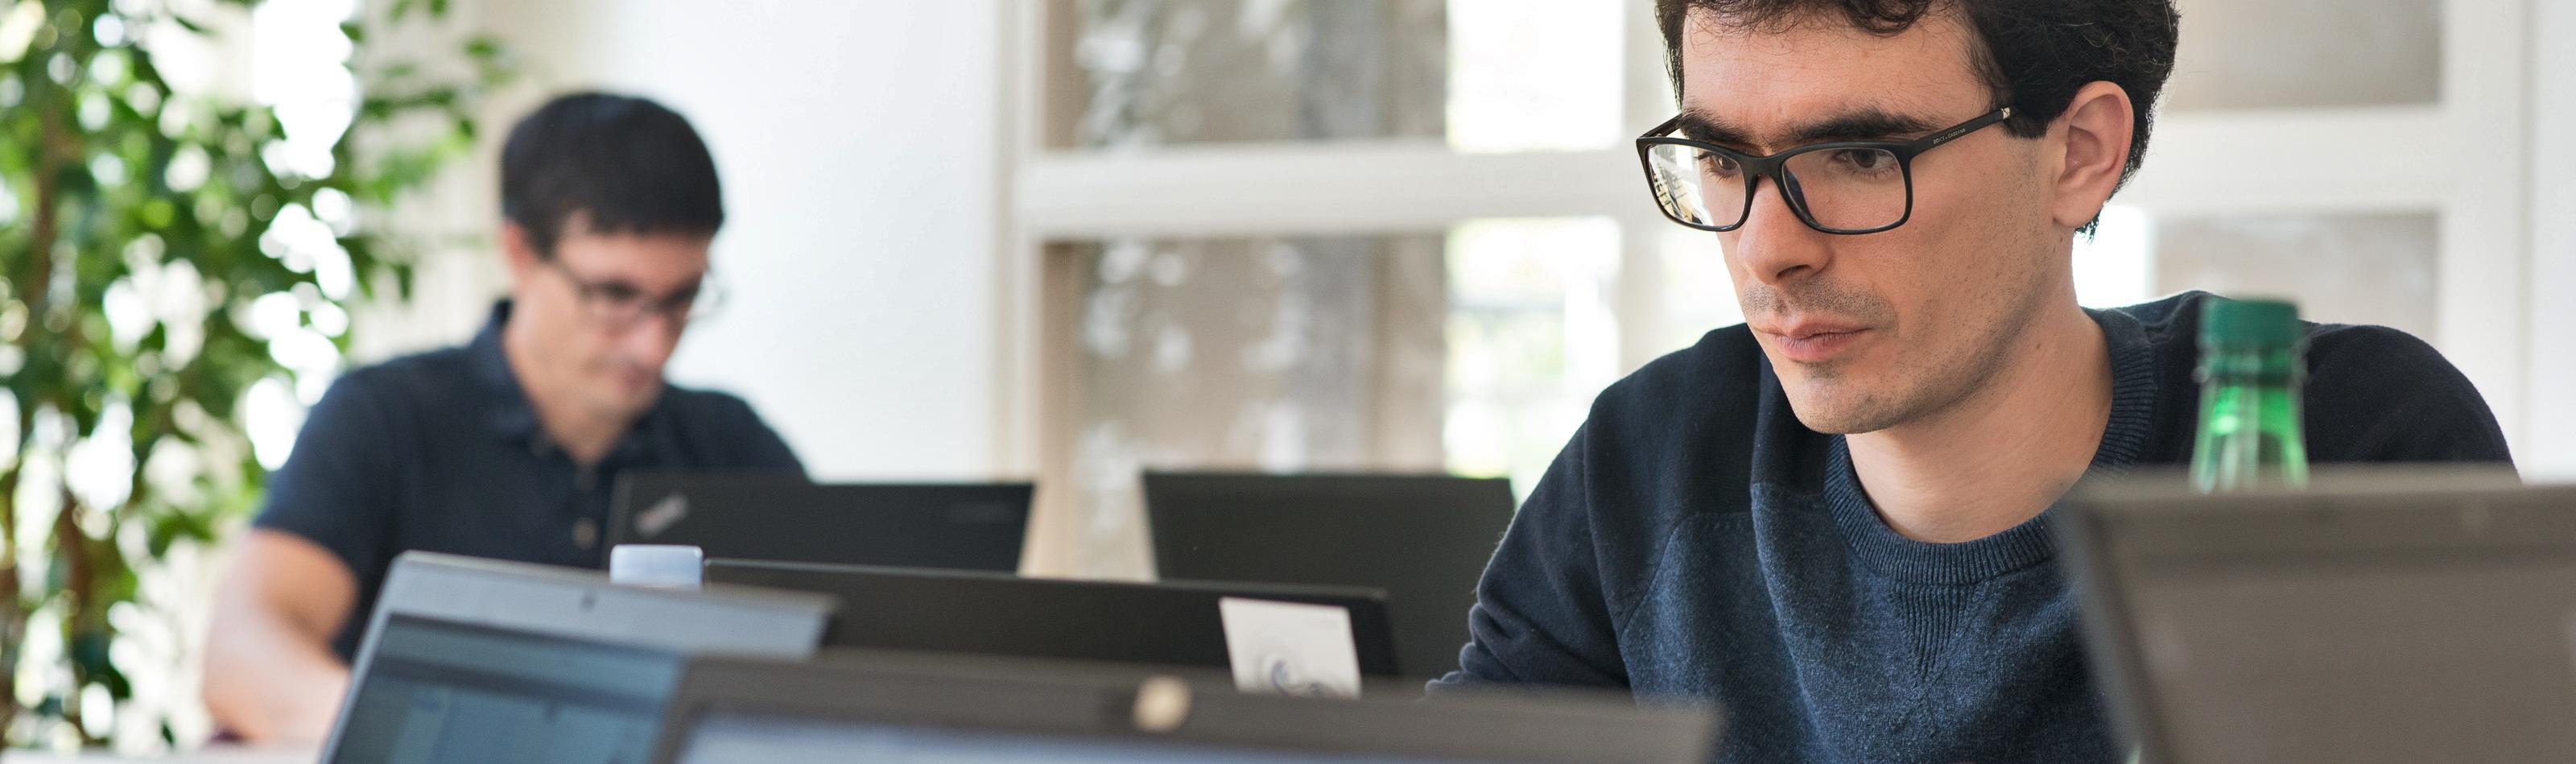 Oslandia recrute :  Ingénieur(e) architecte applicatif et système